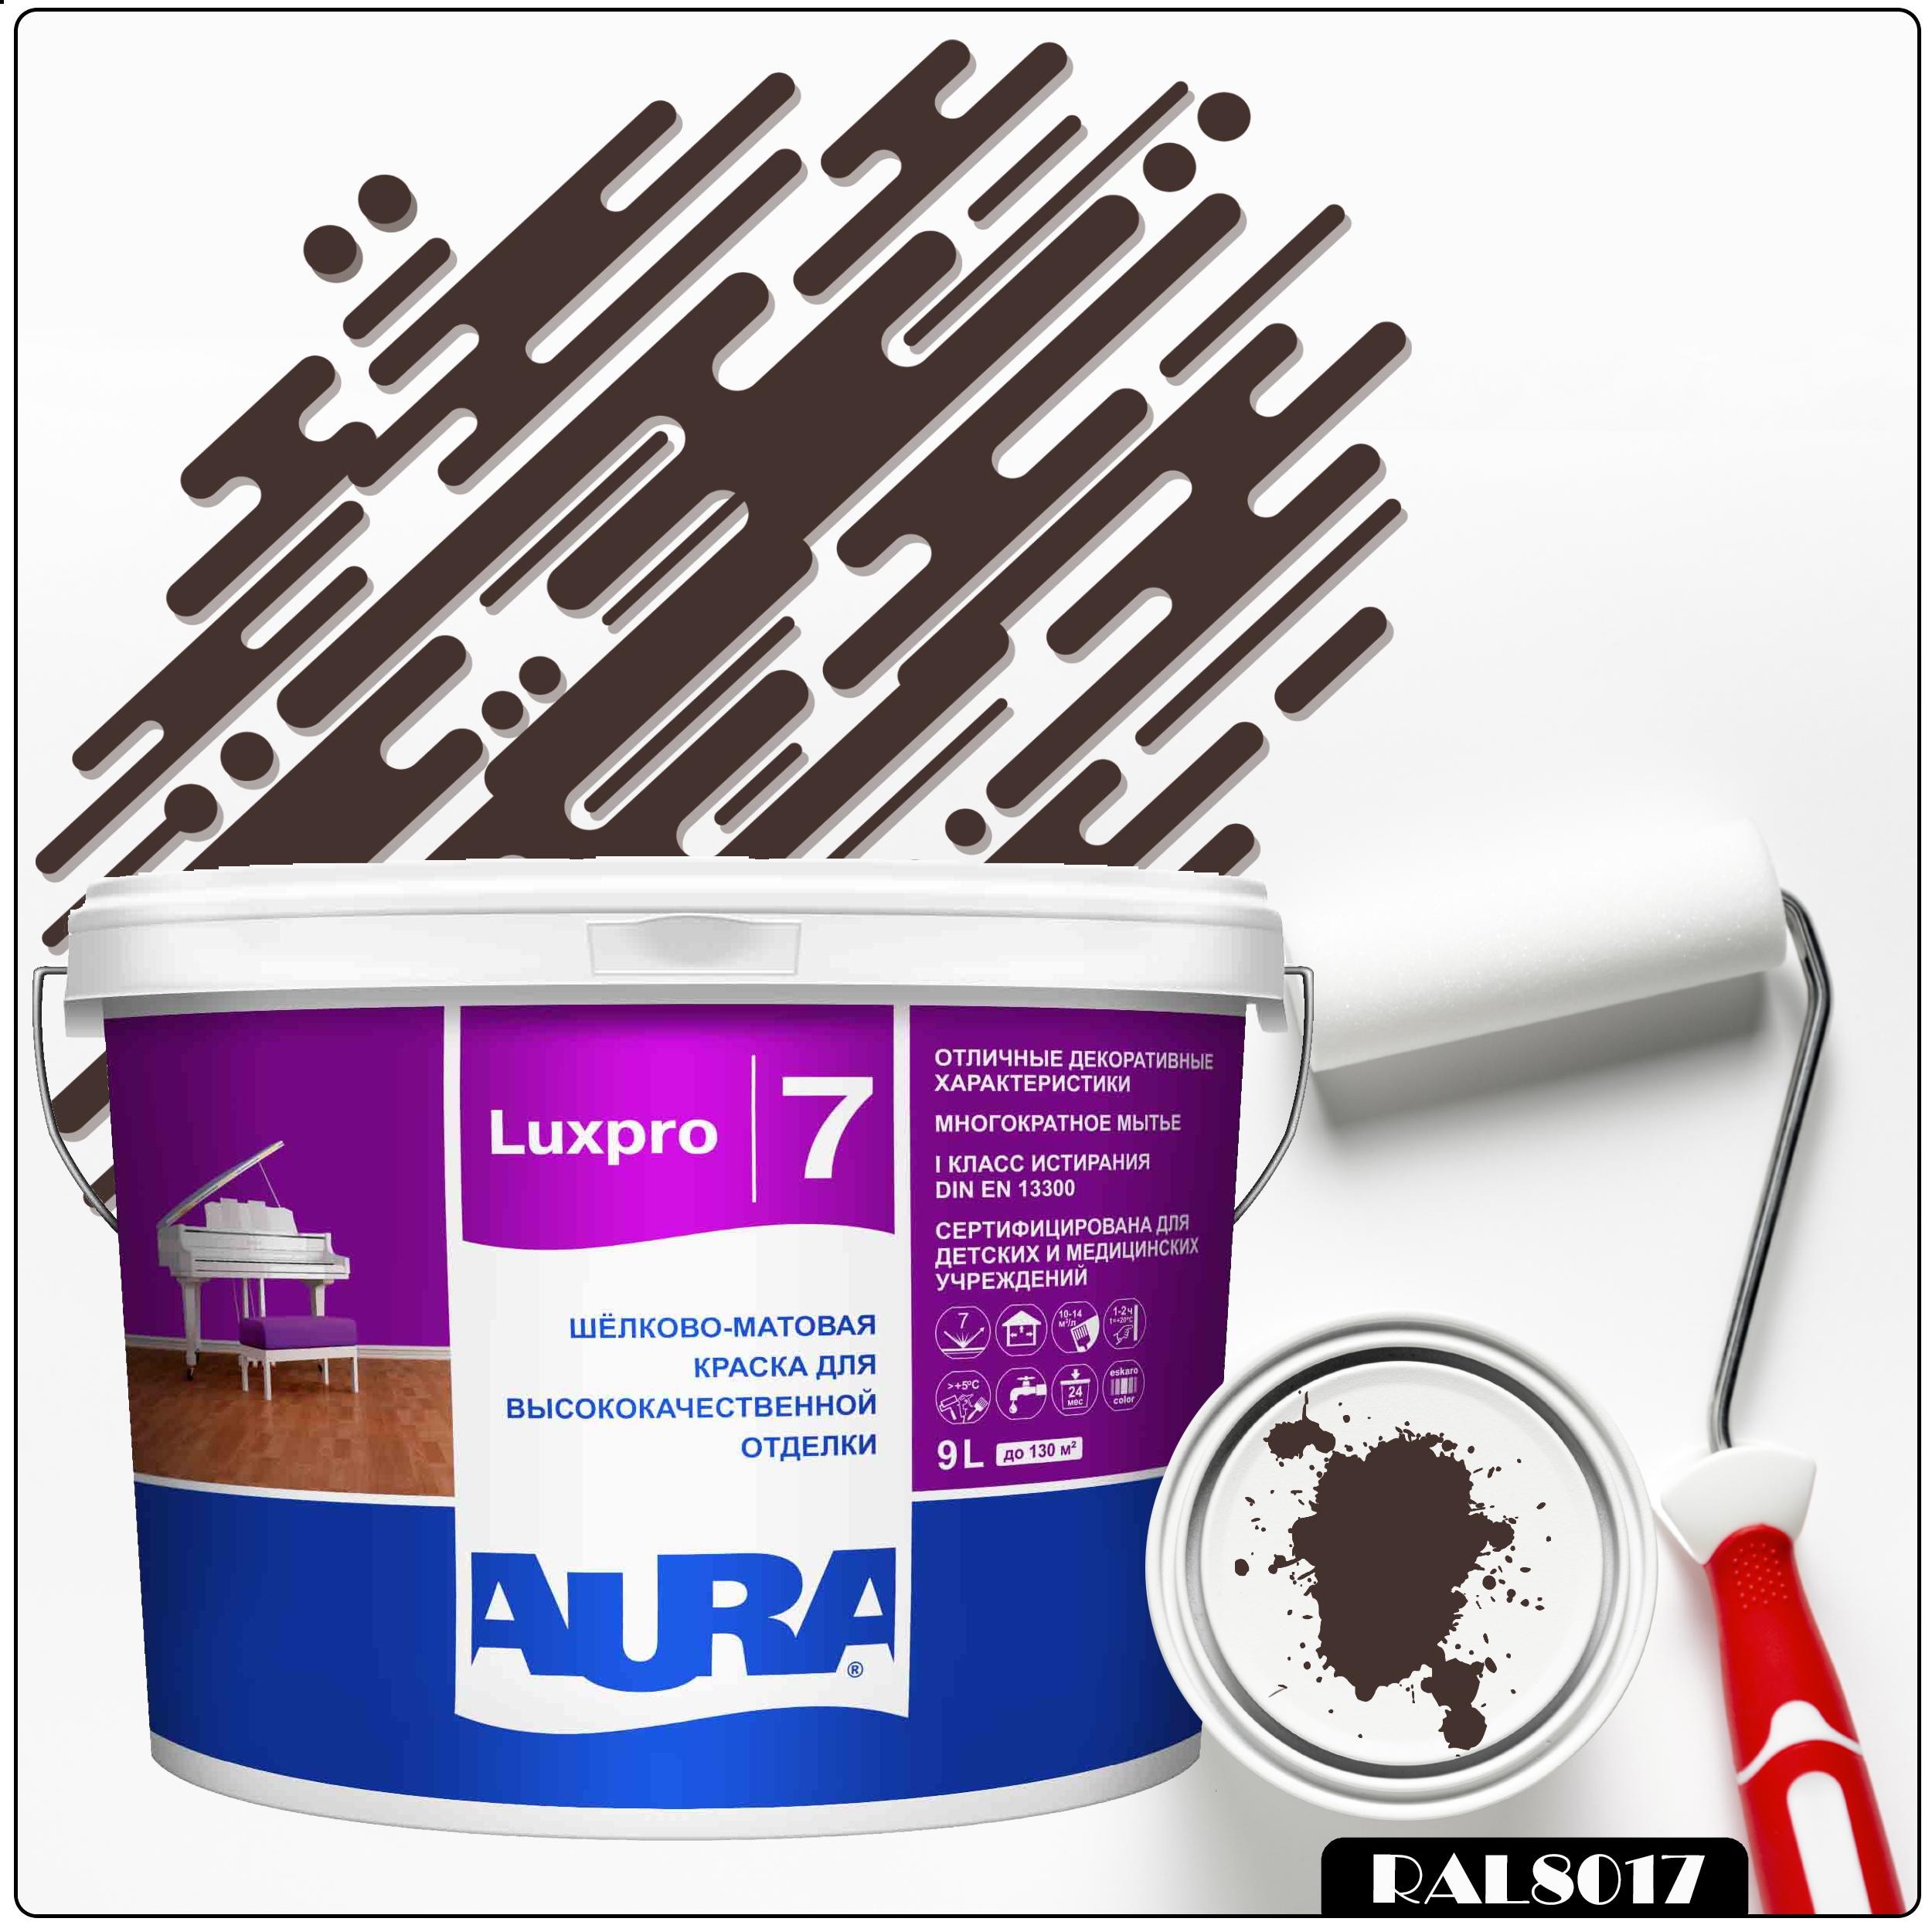 Фото 13 - Краска Aura LuxPRO 7, RAL 8017 Шоколадно-коричневый, латексная, шелково-матовая, интерьерная, 9л, Аура.